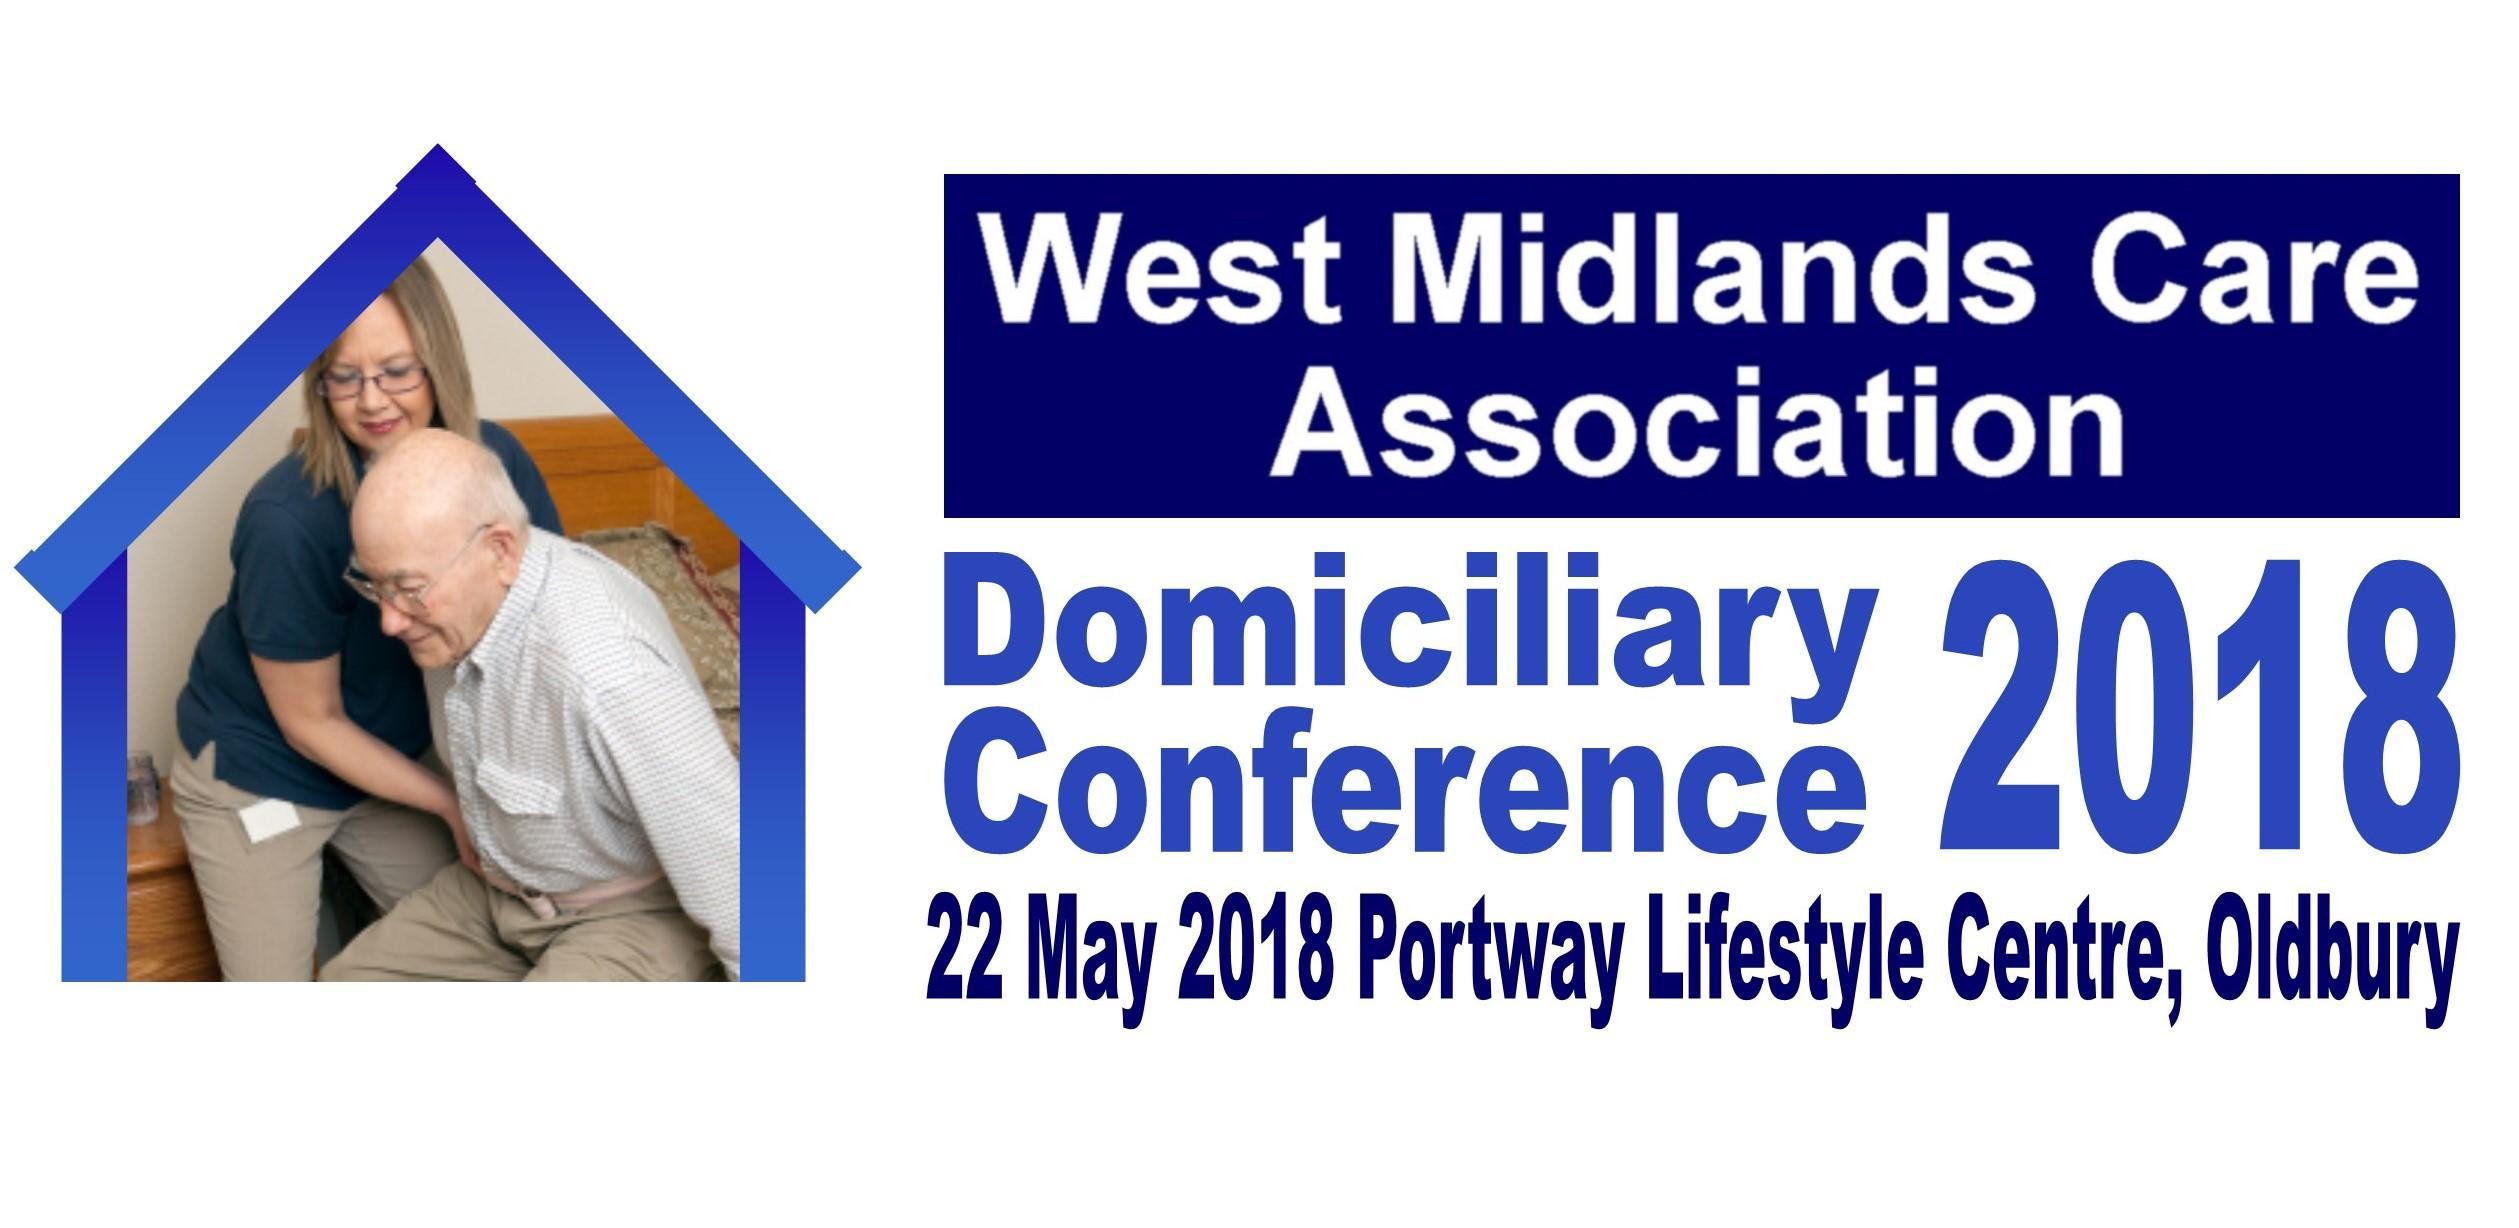 WMCA Annual Domiciliary Care Conference